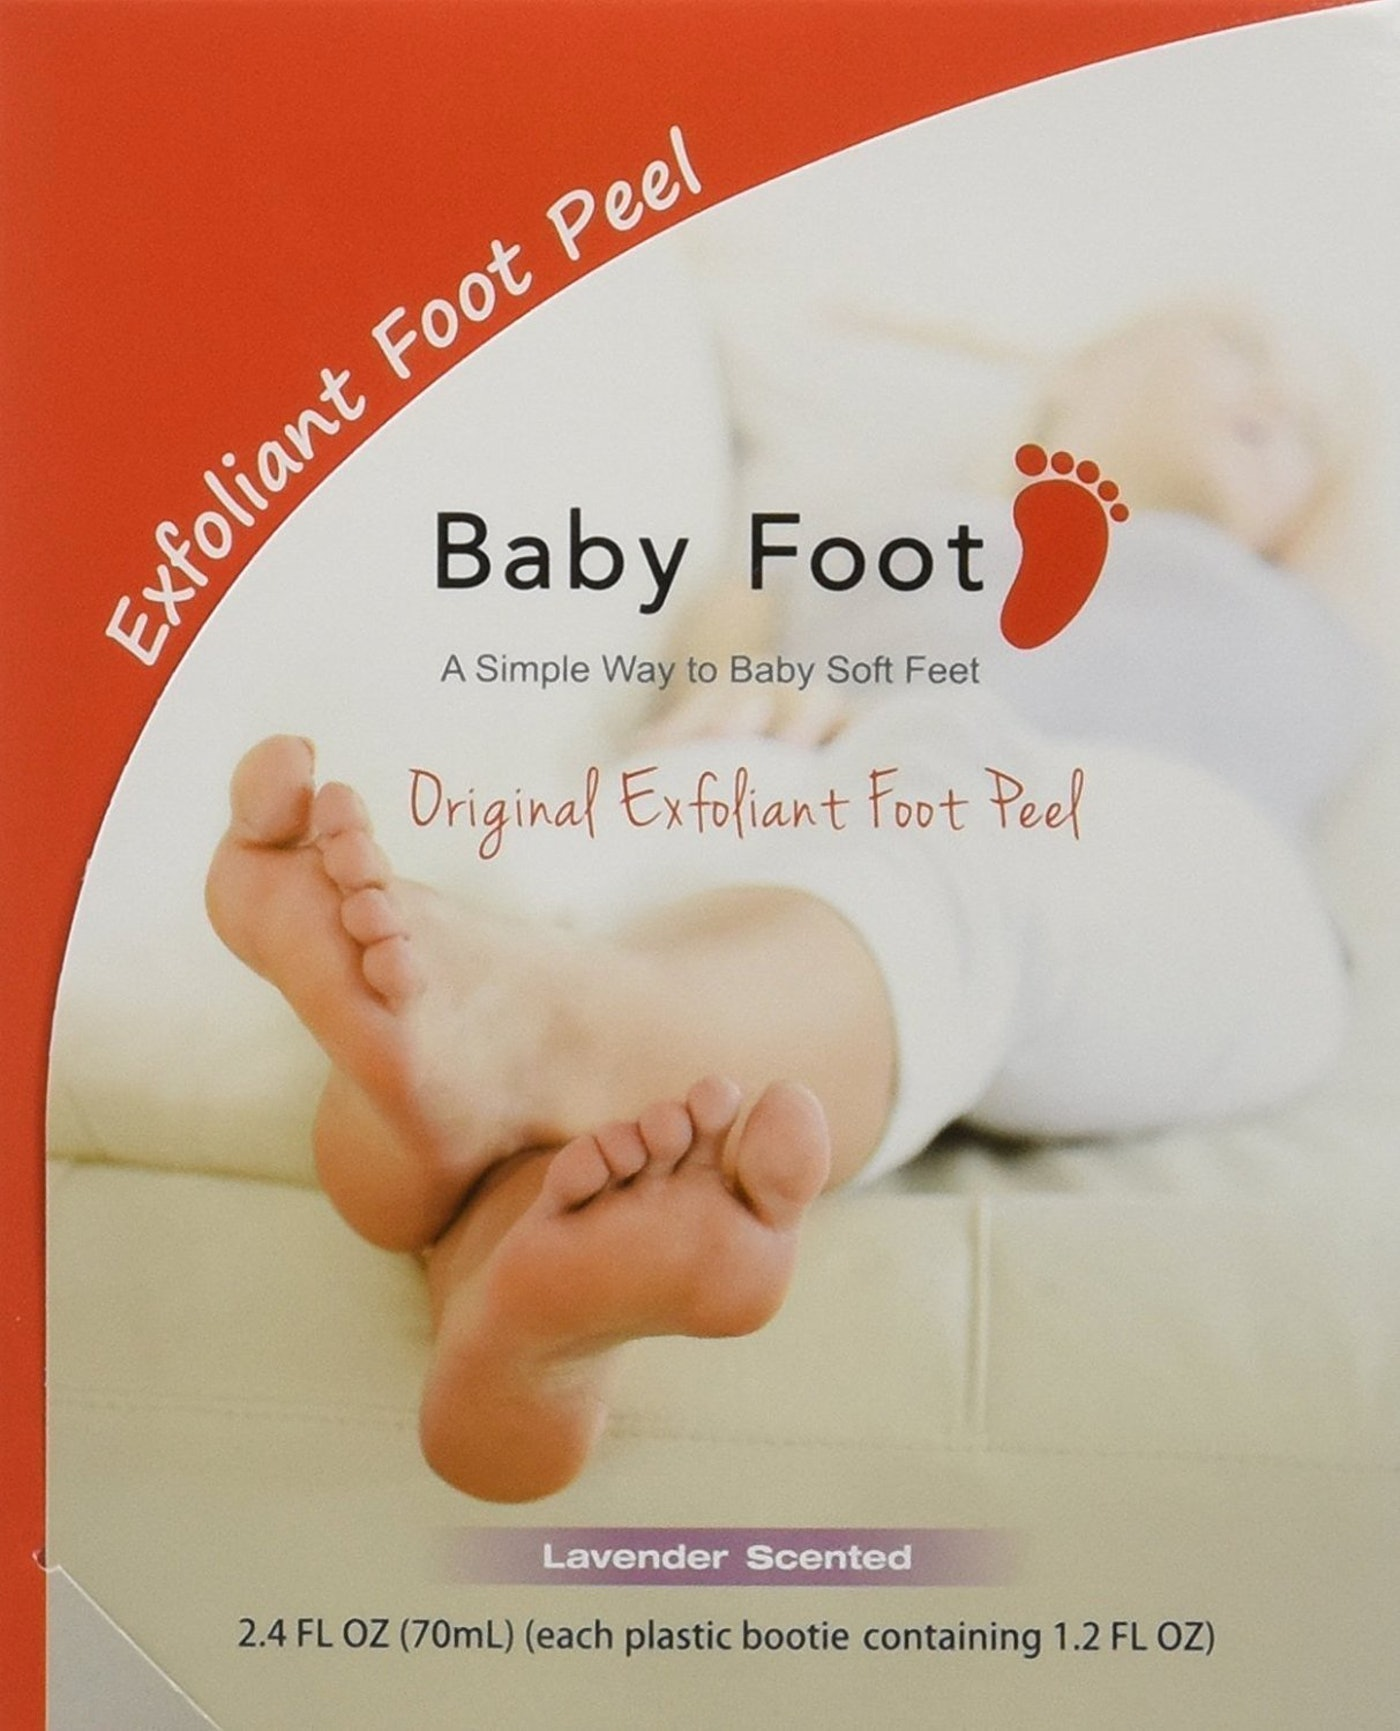 baby foot innehåll